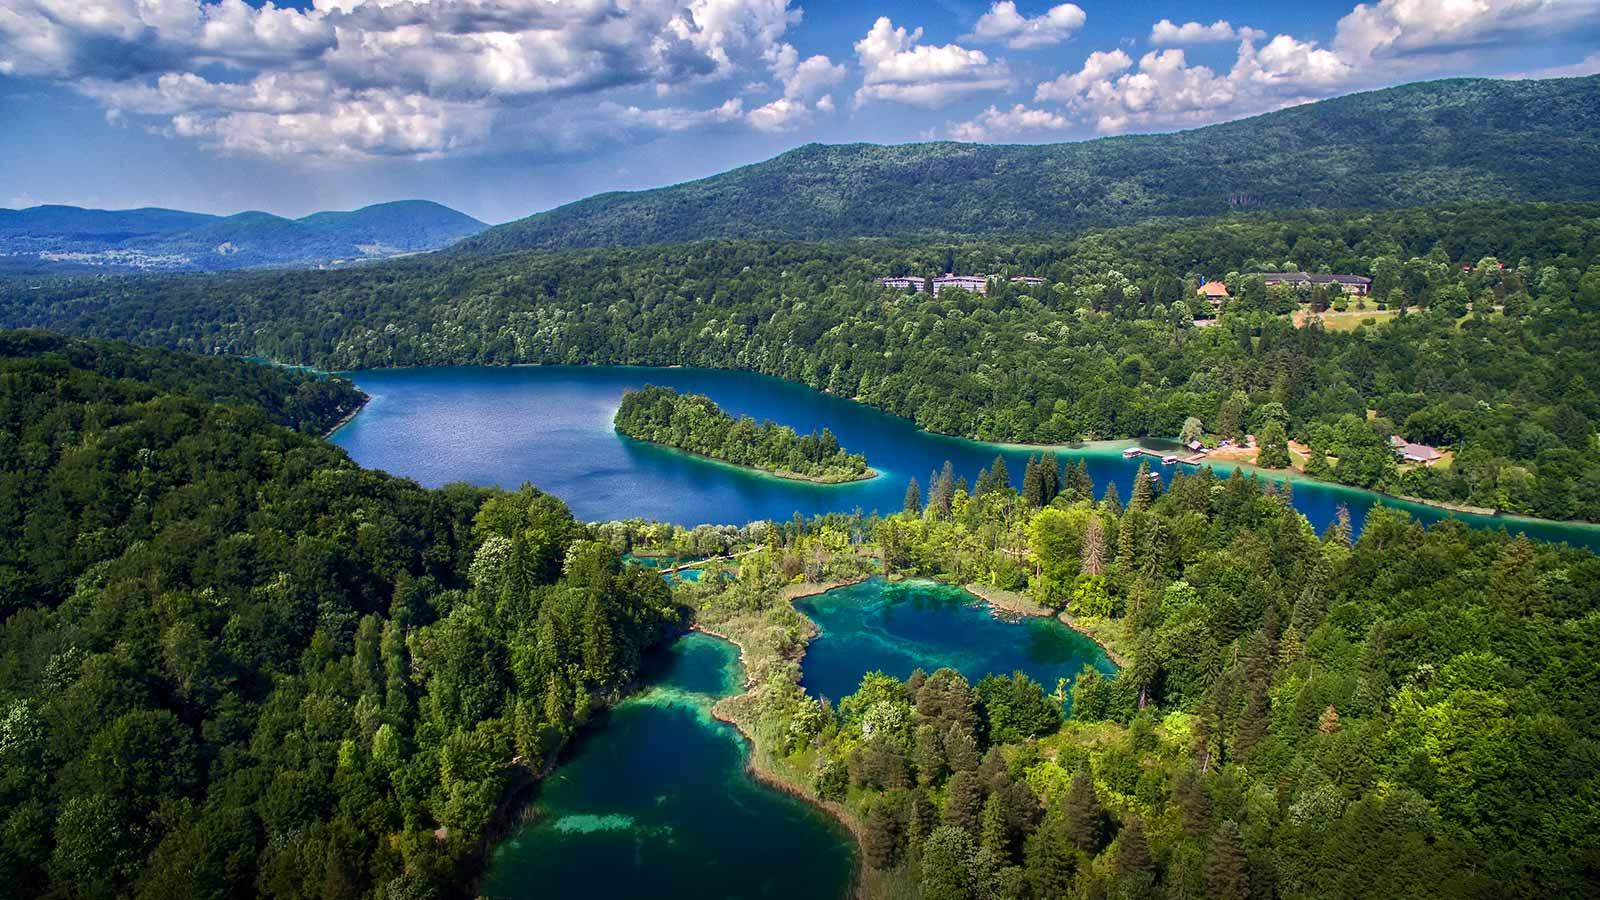 อุทยานแห่งชาติ Plitvice ภาพจากการท่องเที่ยวโครเอเชีย